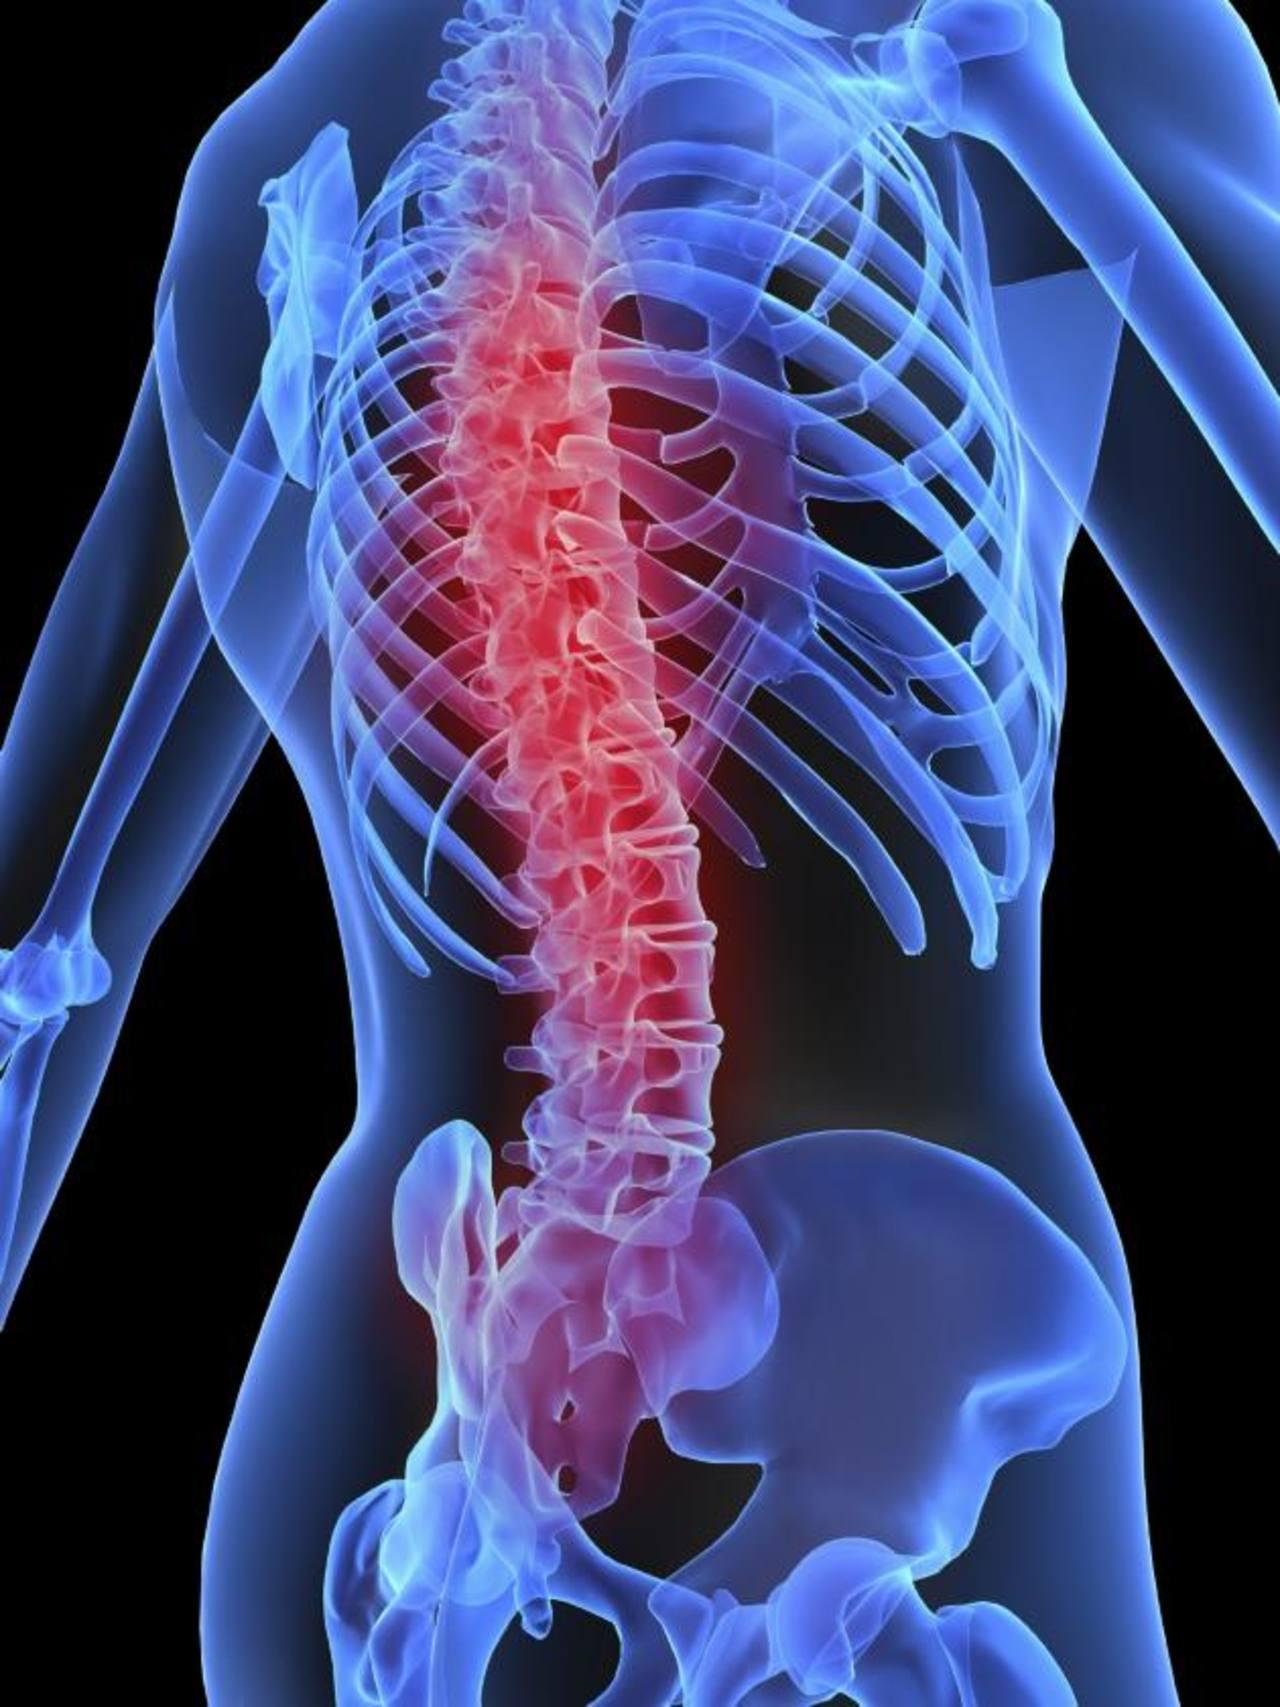 El aumento del riesgo de fracturas en los pacientes con diabetes tipo 2 sería multifactorial.